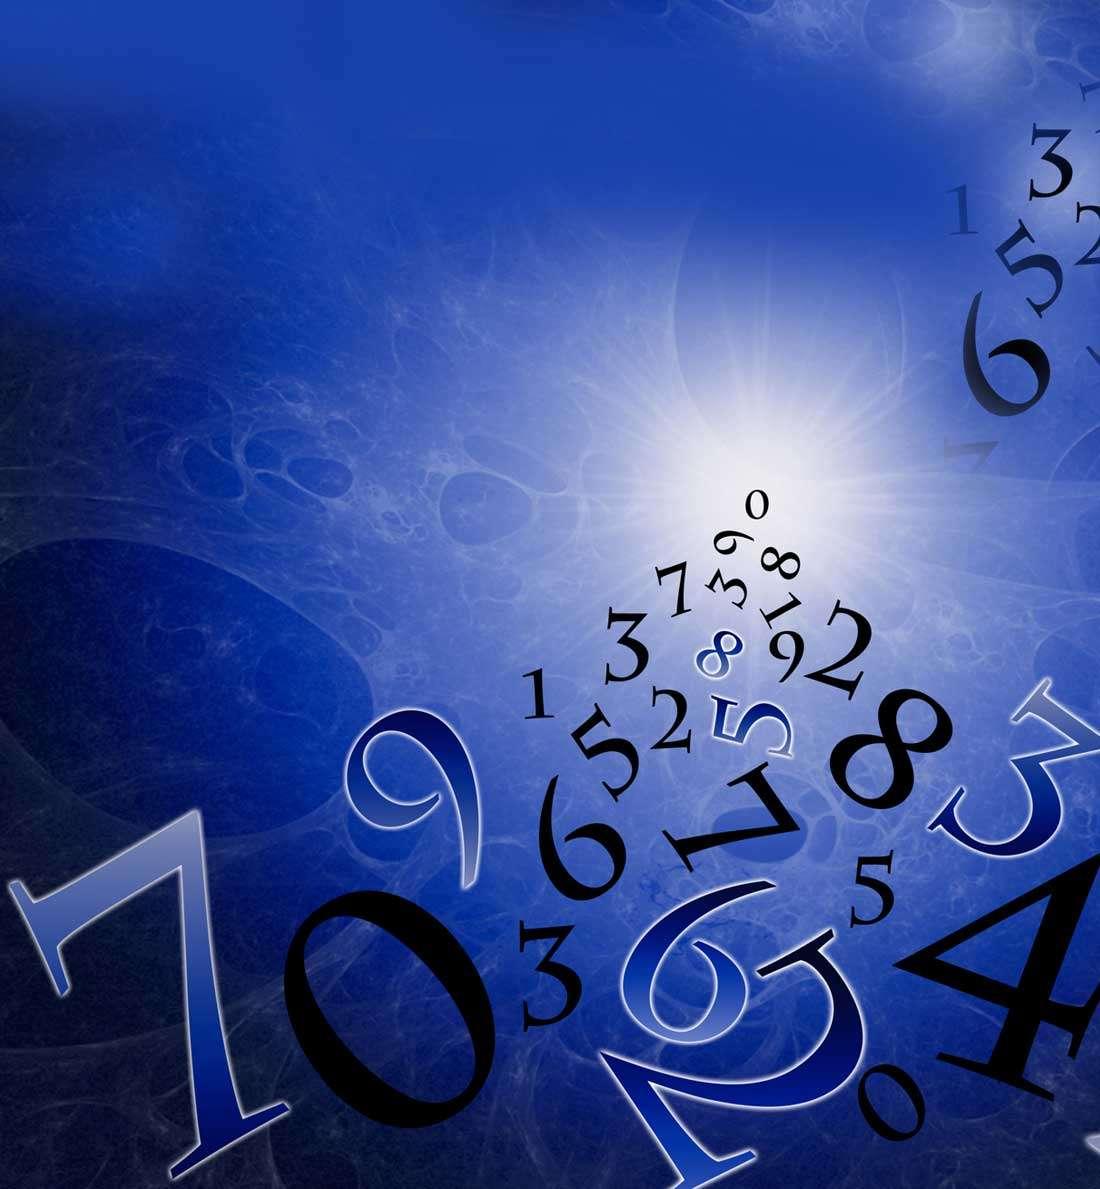 Introducción a la Numerología Pitagórica | Espacio Alquitara